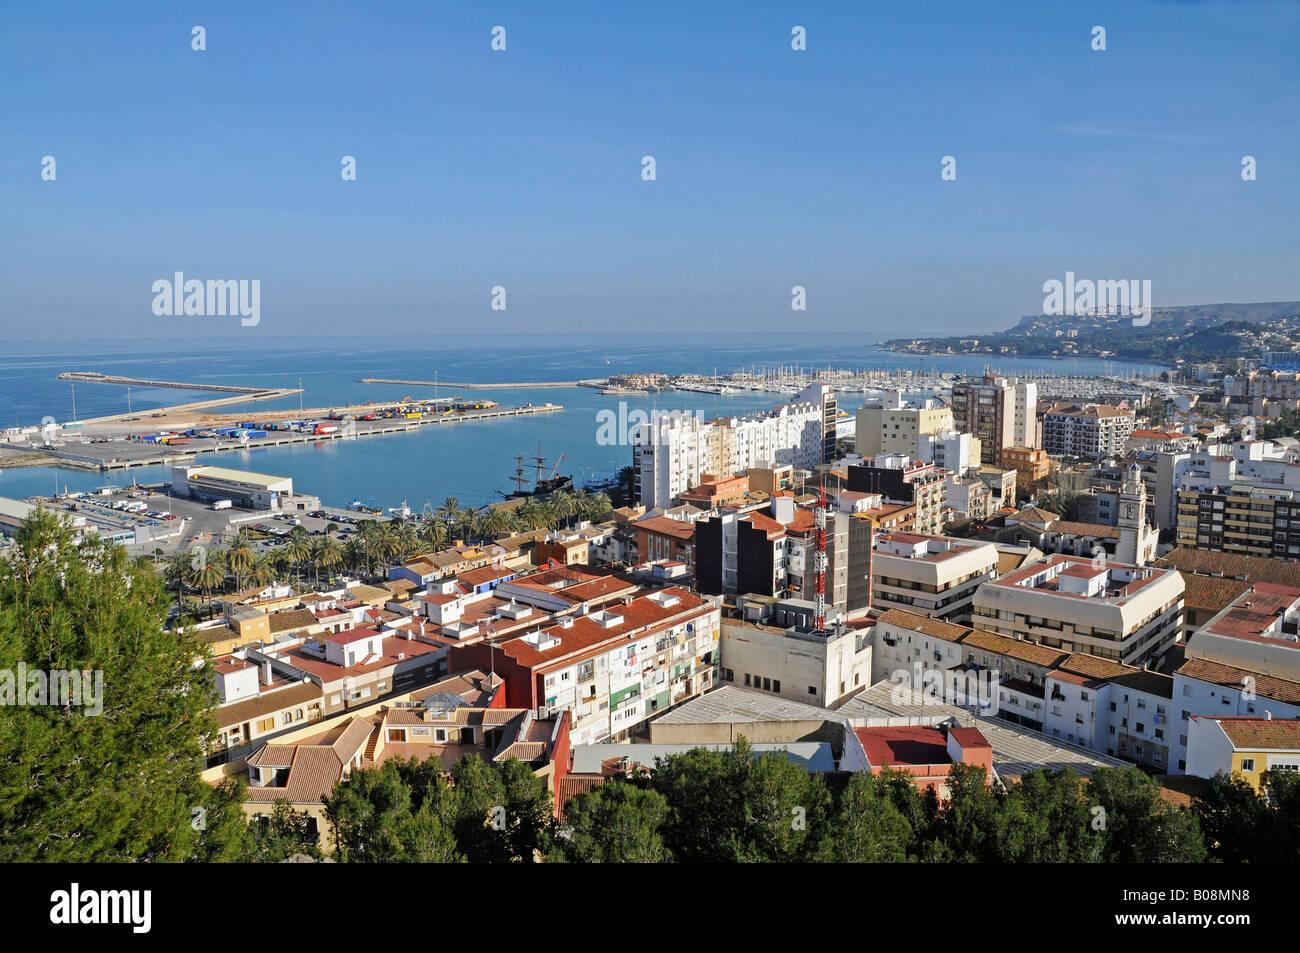 Panoramic view of Denia, Valencia, Costa Blanca, Spain Stock Photo